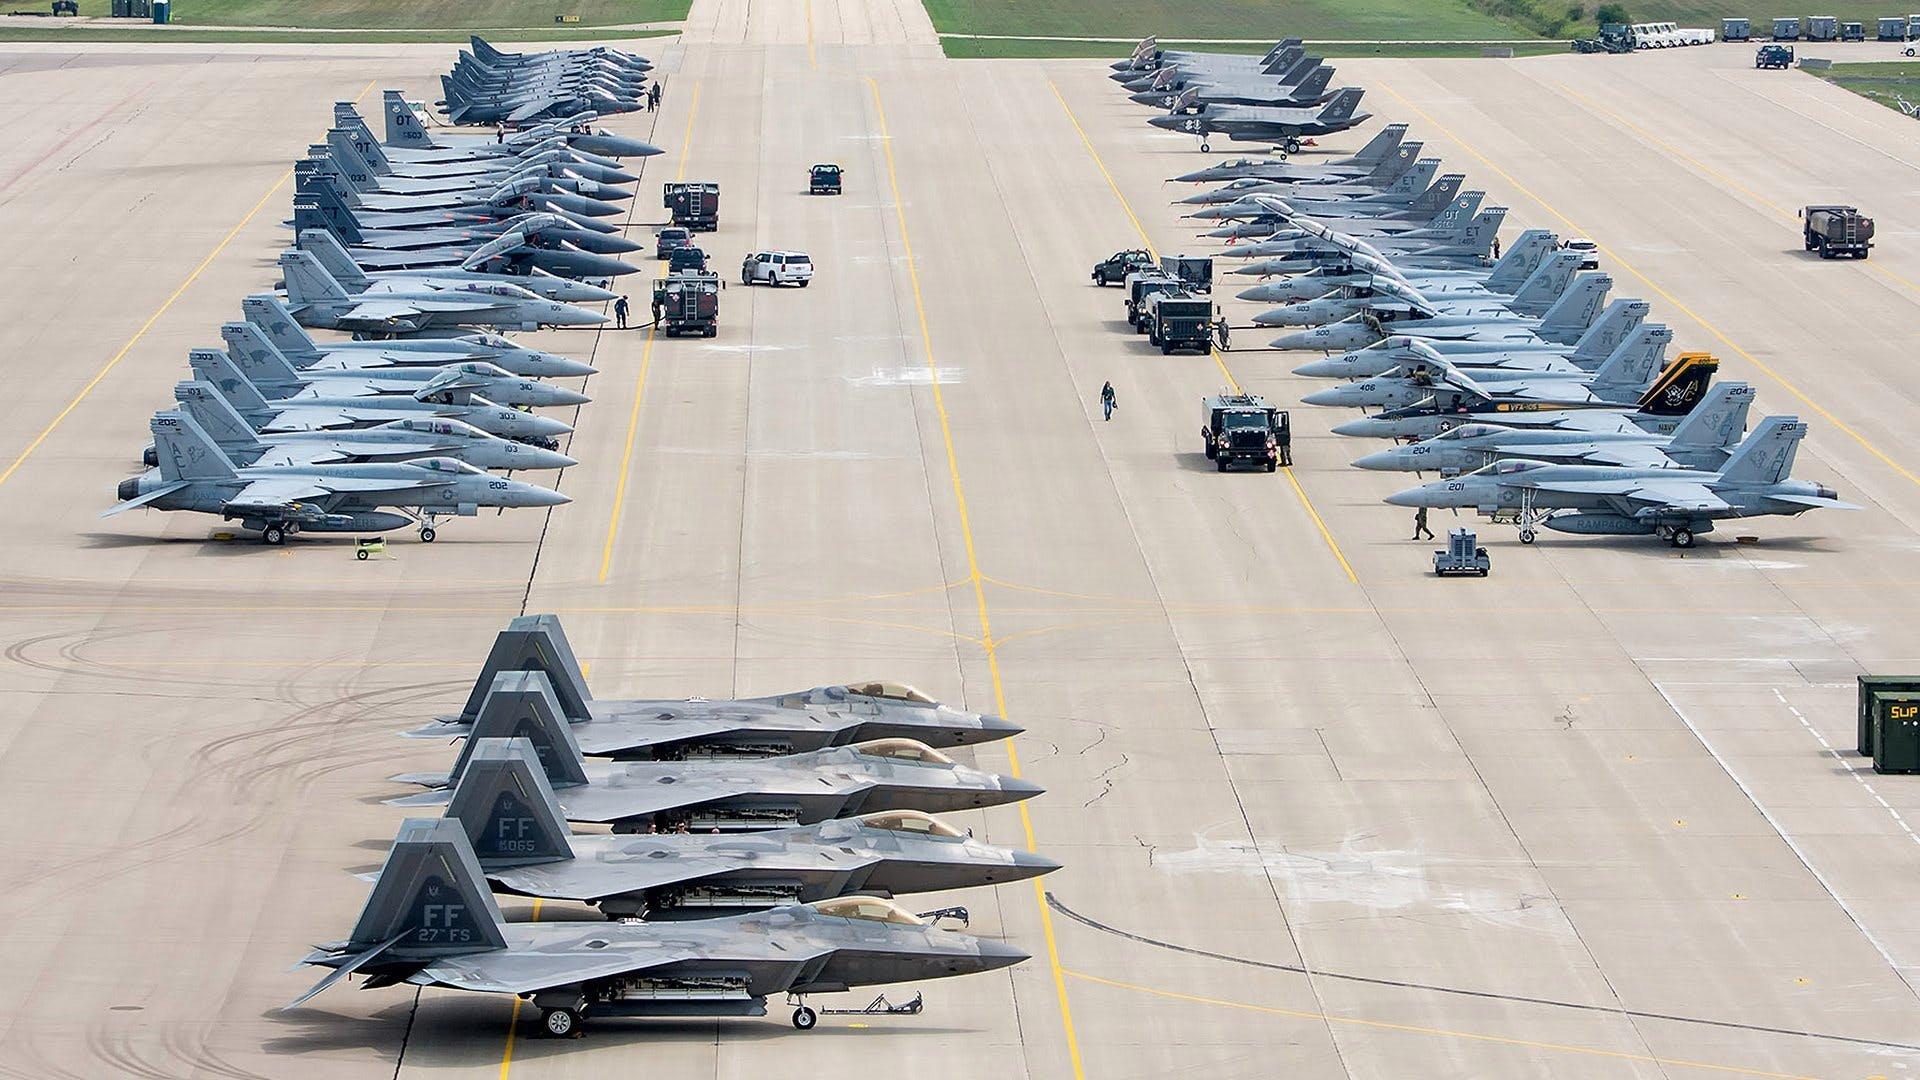 北方闪电军演中的米空海军主力战斗机9 F/A-18E Super Hornets3 F/A